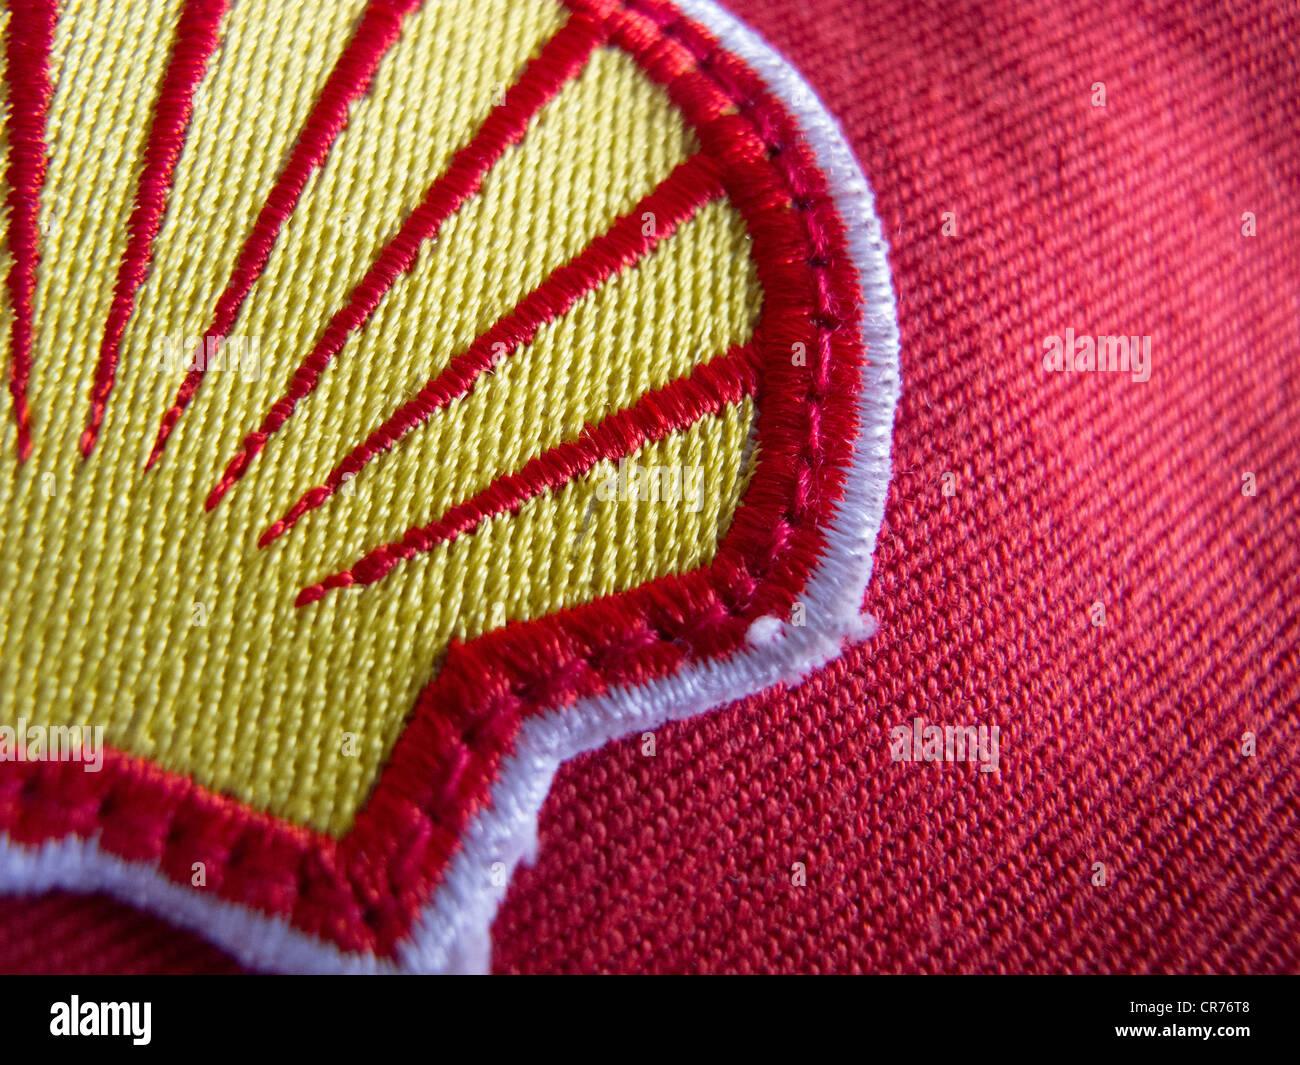 Dettaglio del panno patch logo sulla tuta di sicurezza del lavoratore di Royal Dutch Shell Oil Company. Immagini Stock